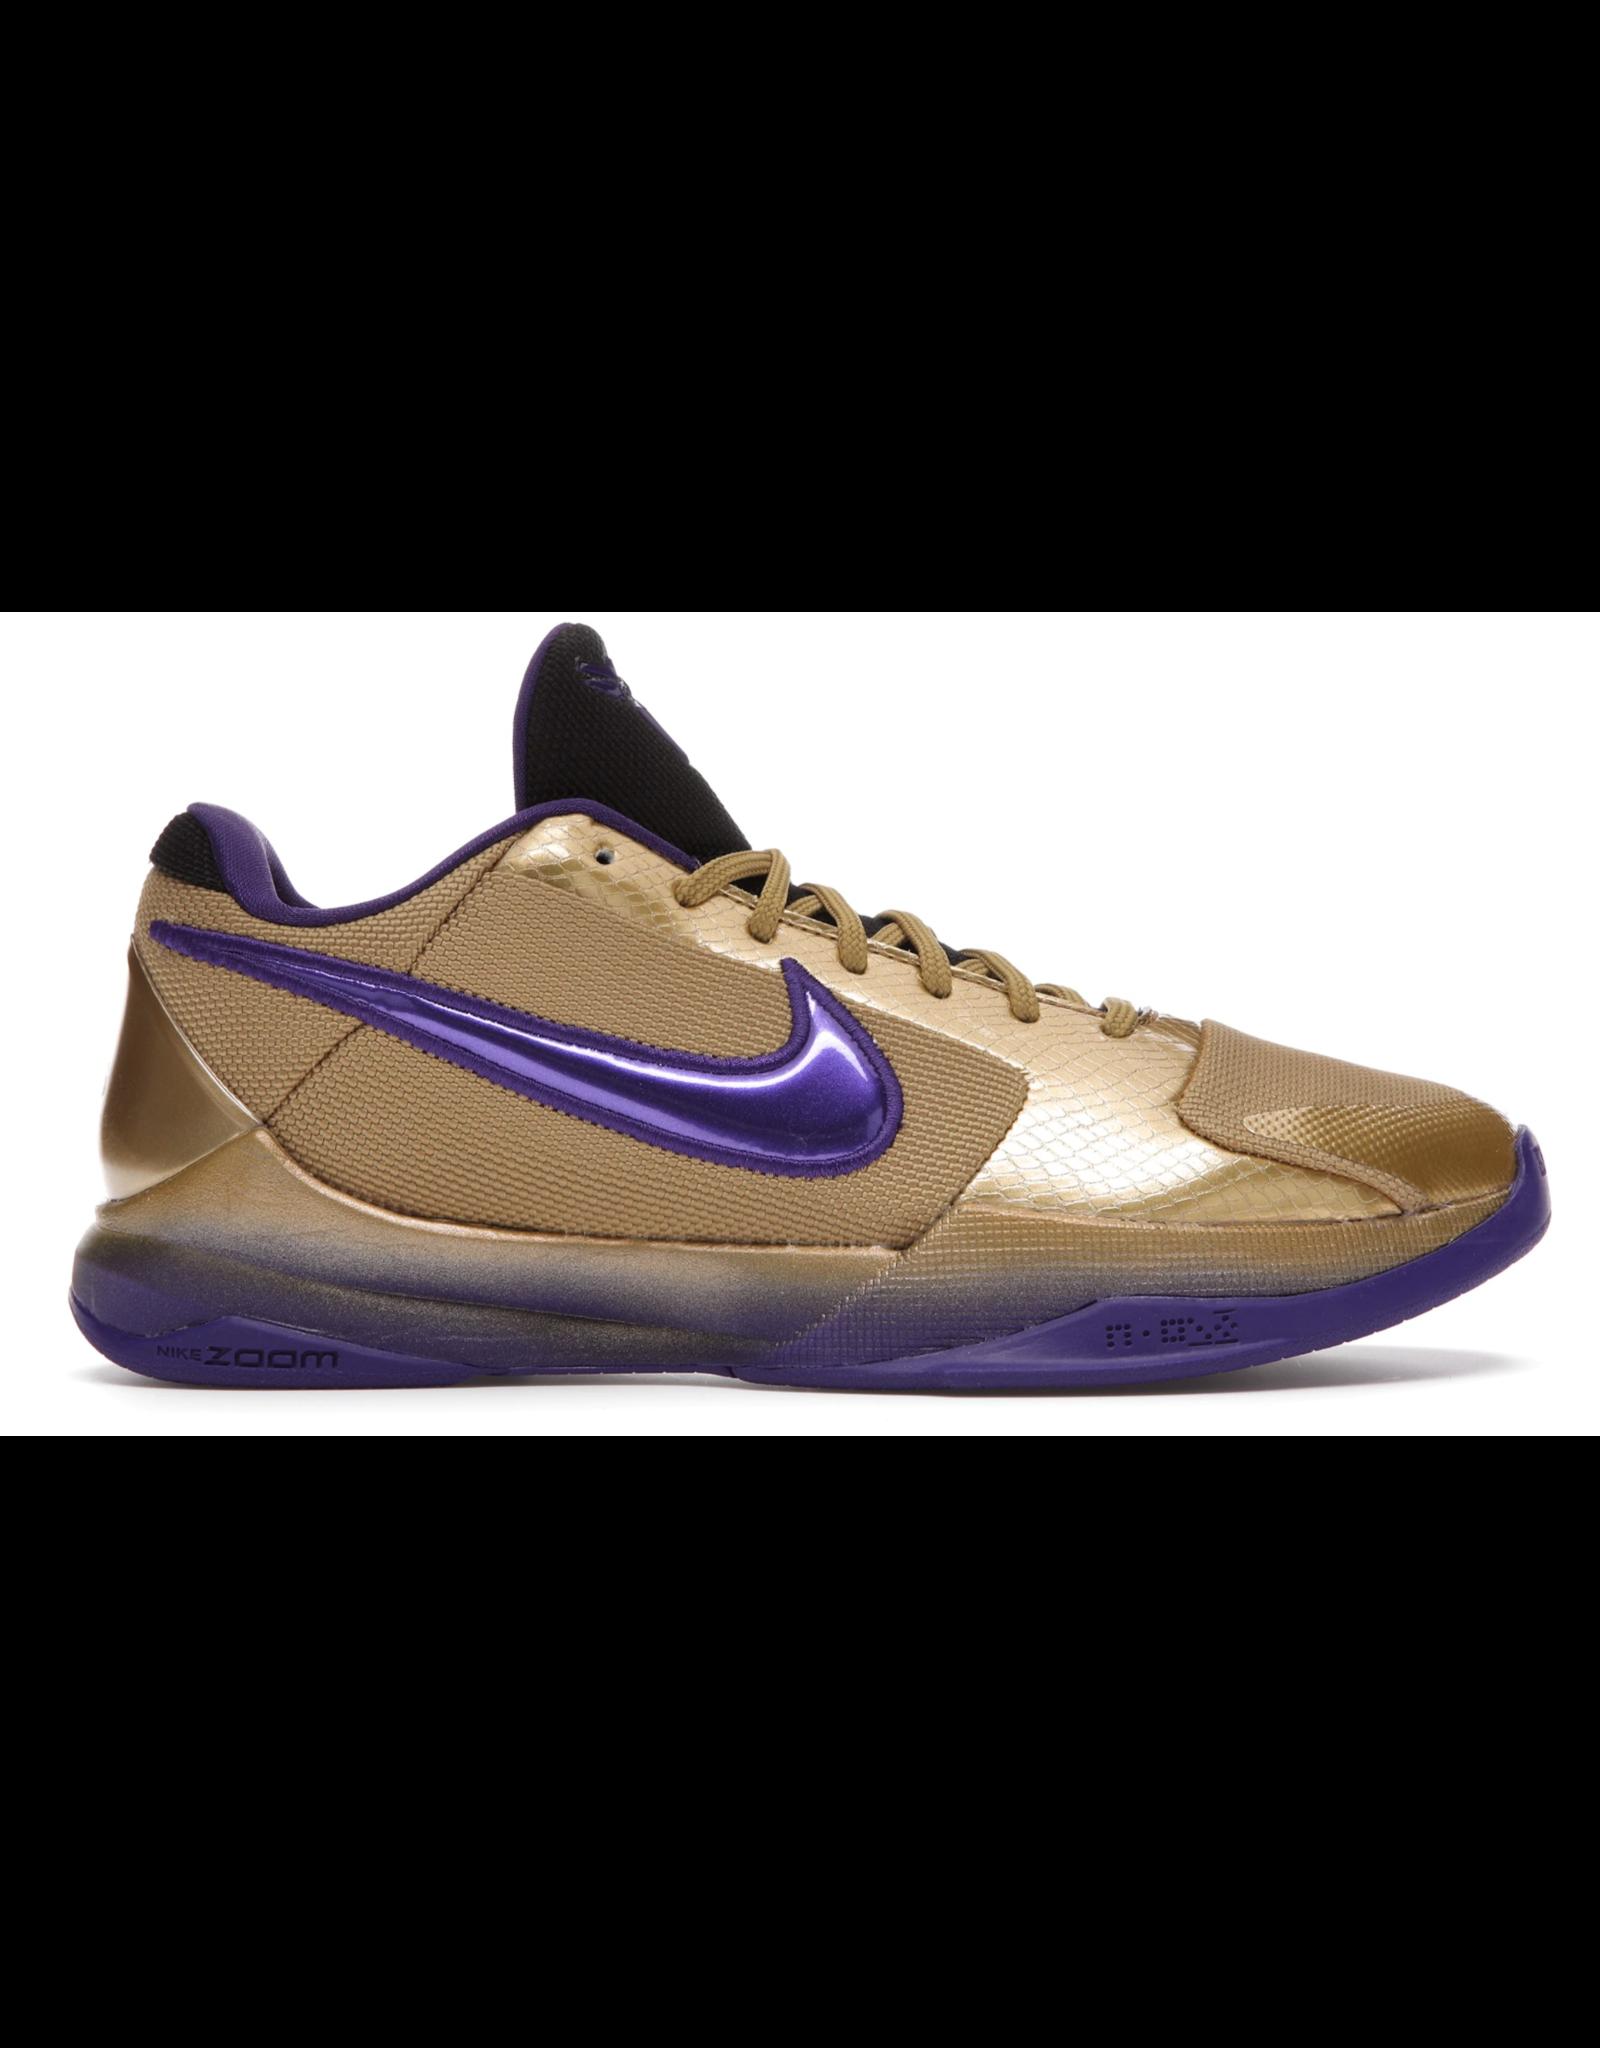 NIKE Nike Kobe 5 Protro Undefeated Hall of Fame